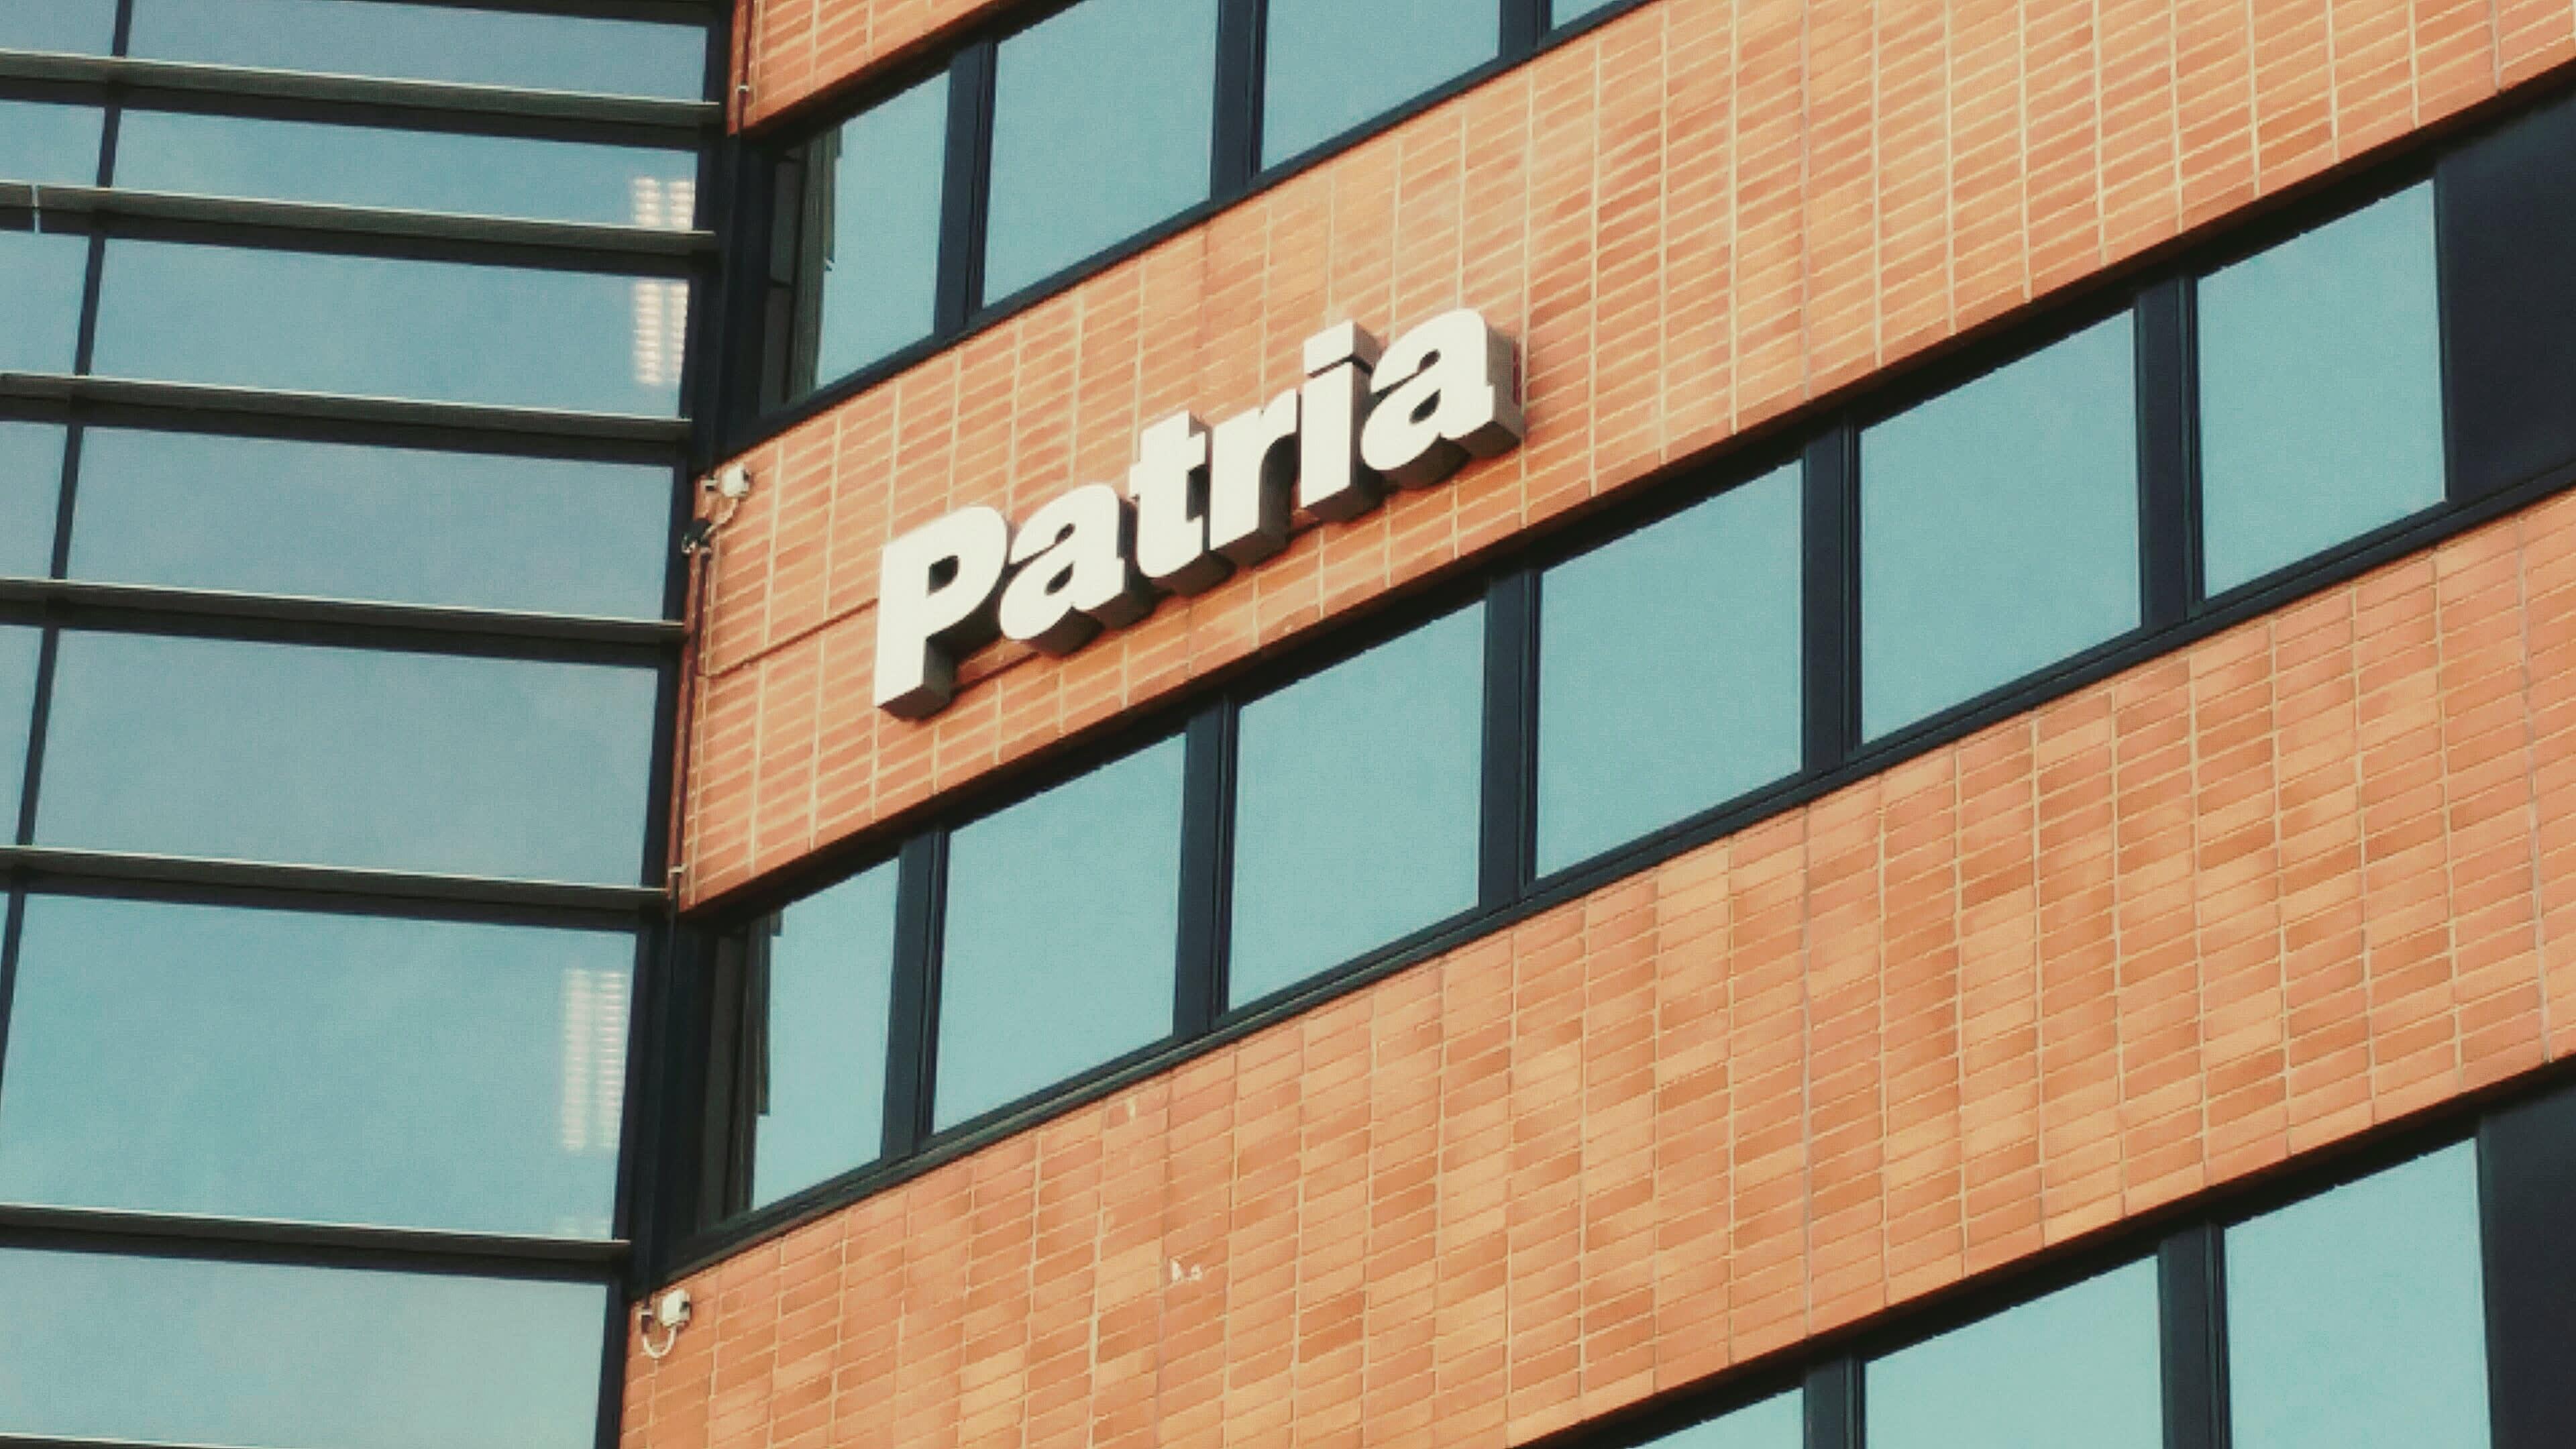 Patrian Hatanpään toimipisteen julkisivu